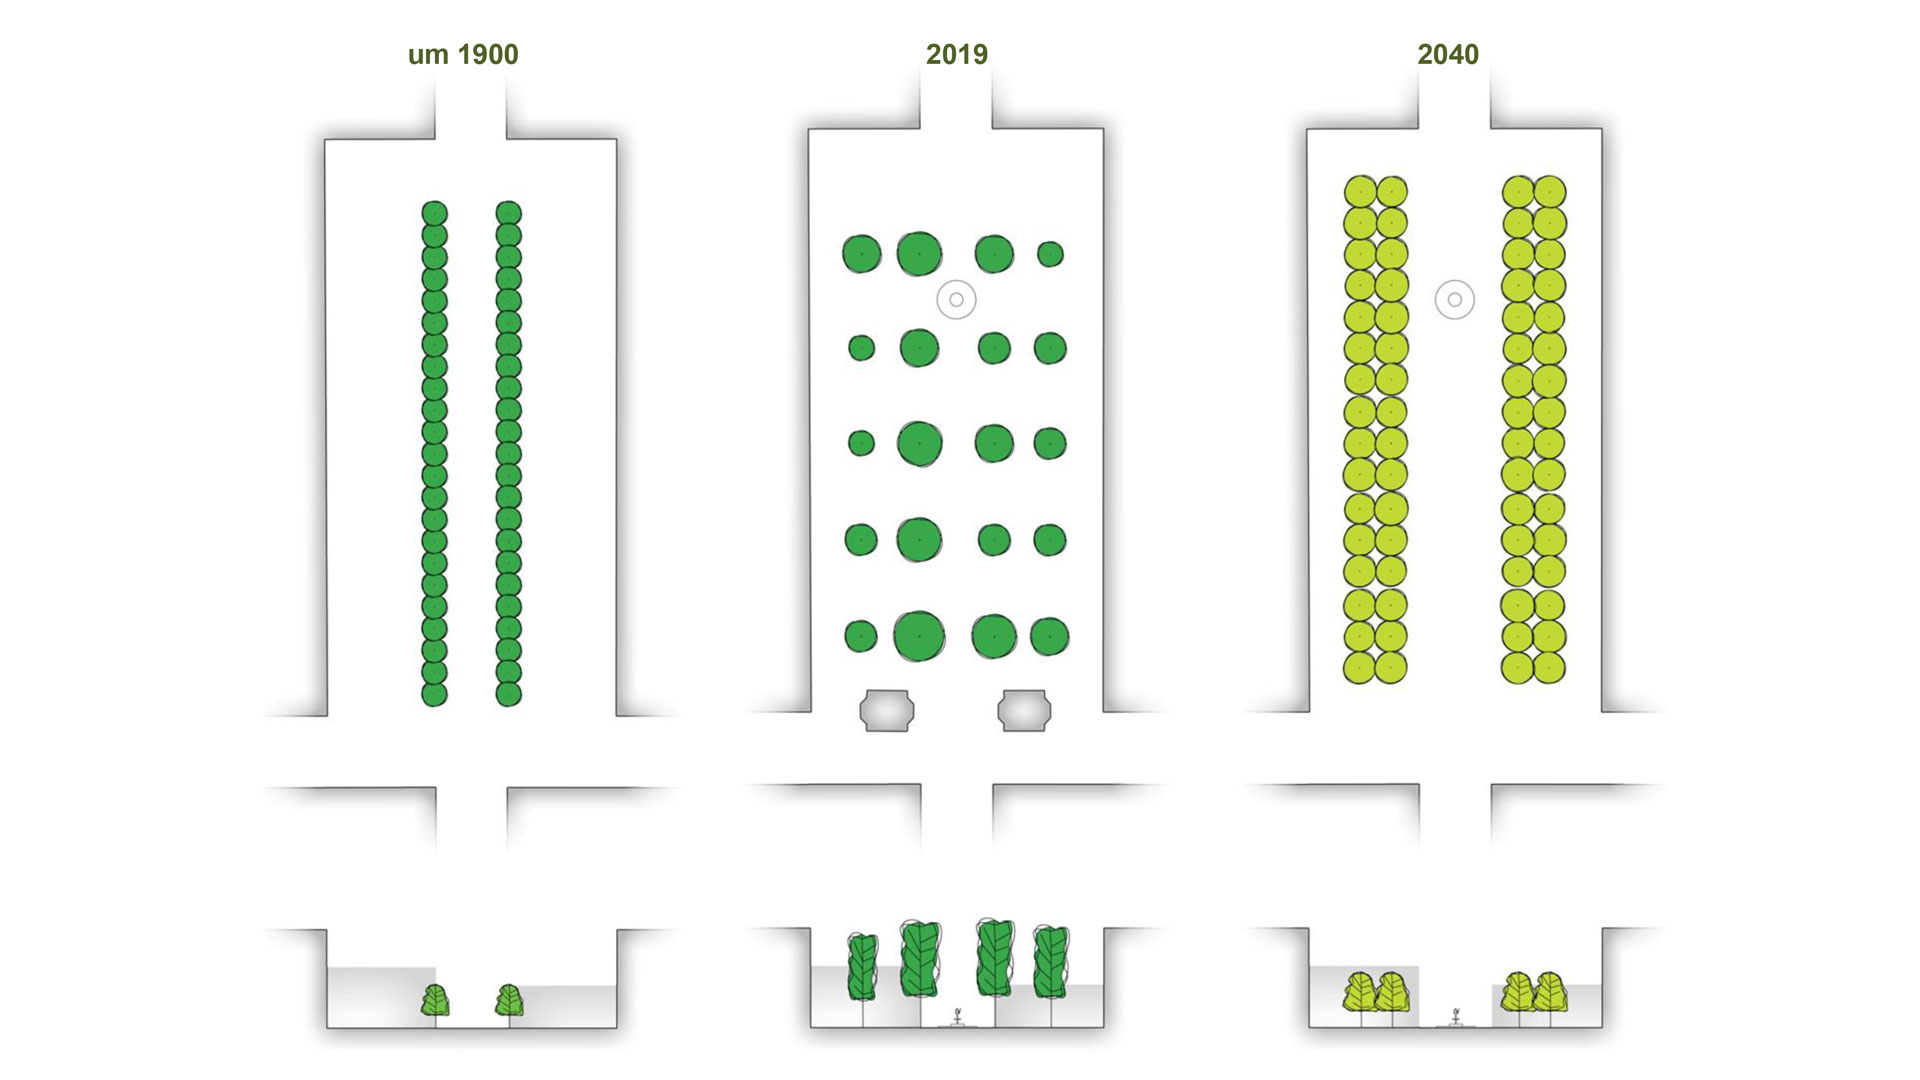 2020 würde der Neumarkt nach Plänen von Mann Landschaftsarchitektur so aussehen. Die Platanen blieben erst einmal erhalten. Neue Baumreihen würden gepflanzt. Bis 2040 würden die Platanen komplett verschwinden. Grafik: Mann Landschaftsarchitektur. © Stadt Limburg